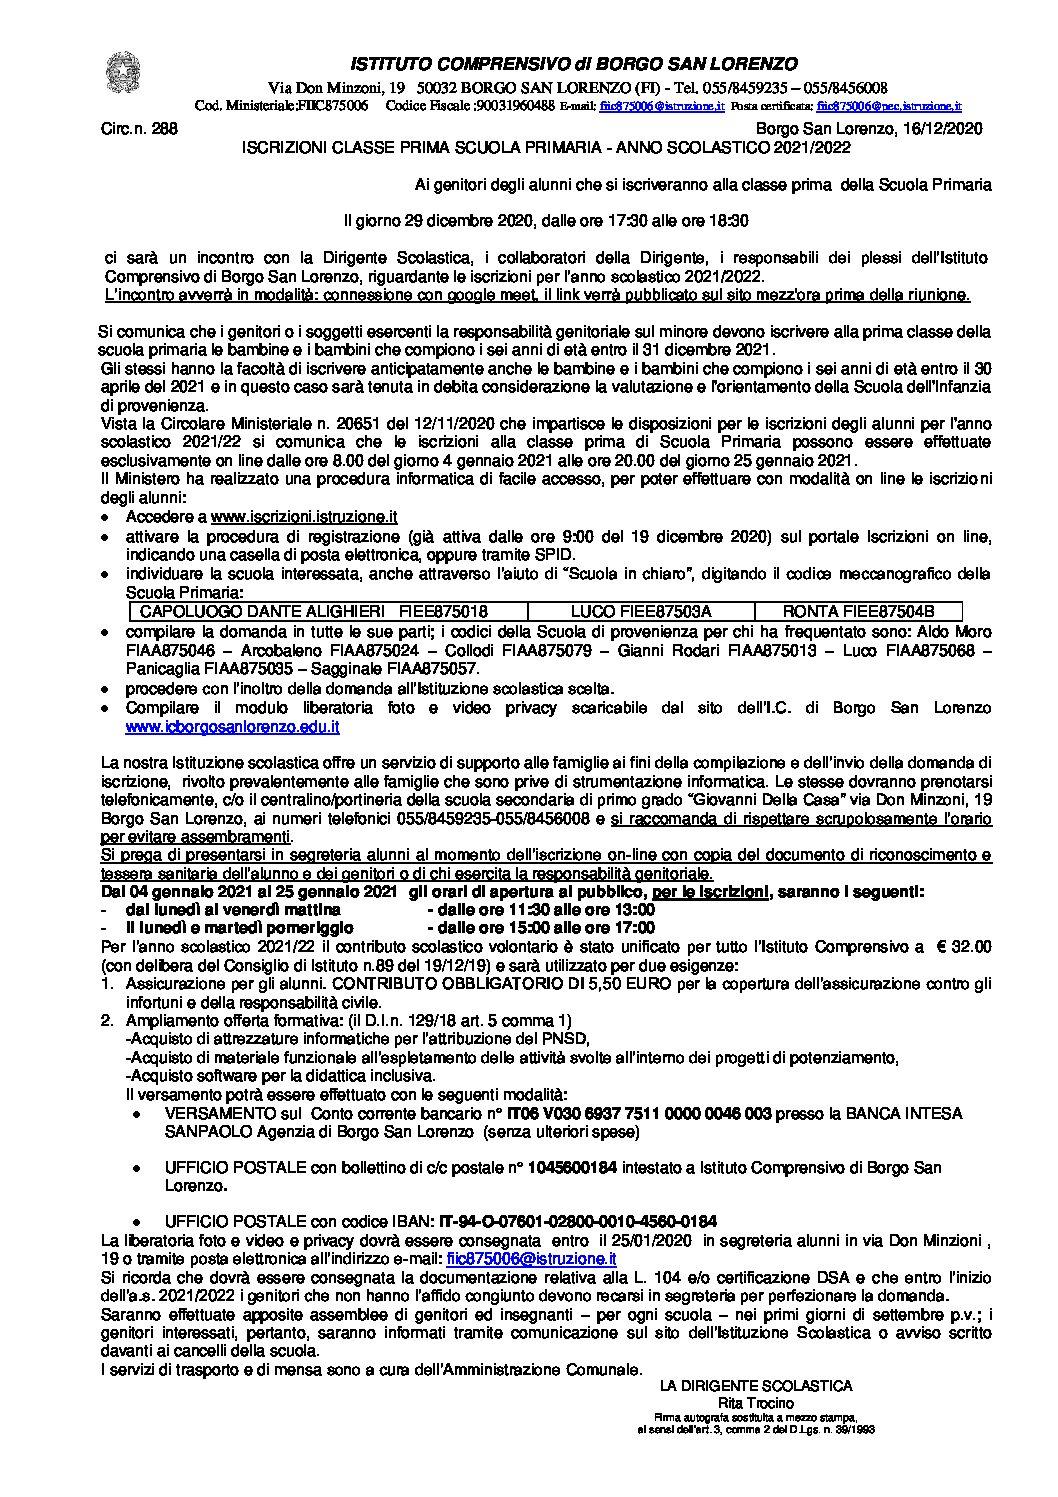 CIRC.288 – ISCRIZIONI CLASSE PRIMA SCUOLA PRIMARIA – ANNO SCOLASTICO 2021/2022